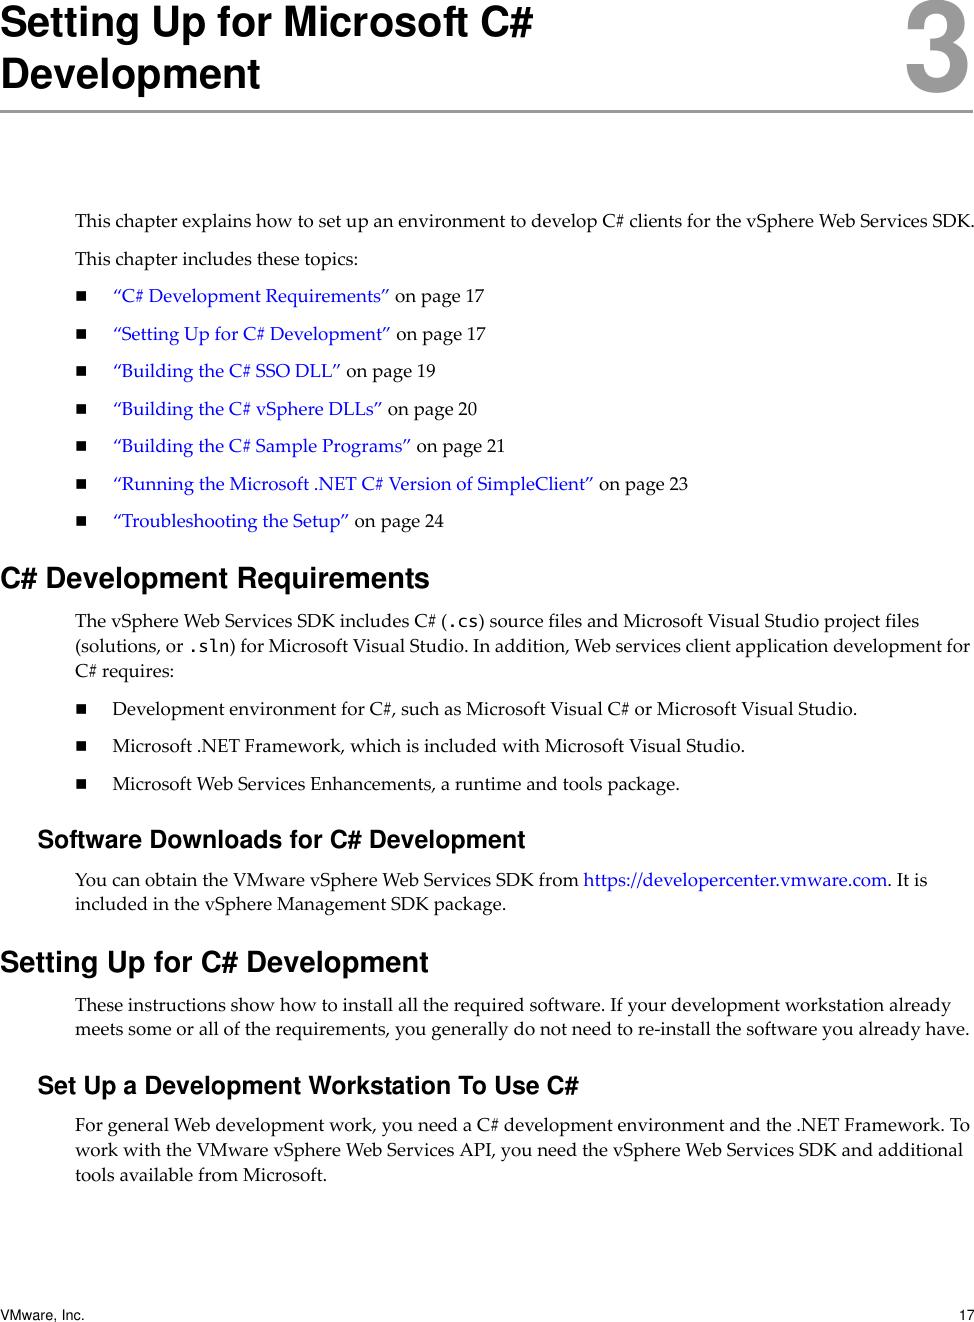 Vmware Developer's Setup Guide V Sphere 6 0 Web Services SDK